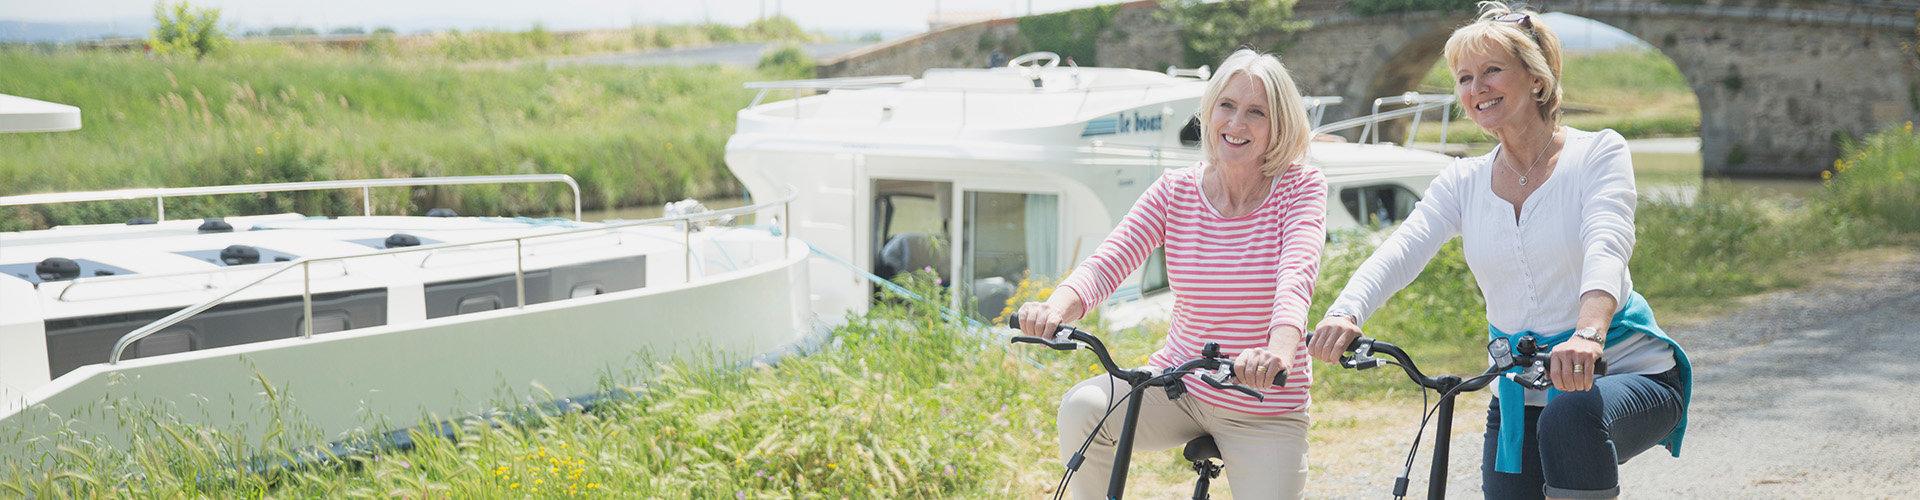 Bicicleta en el Midi con el barco Vision en el fondo